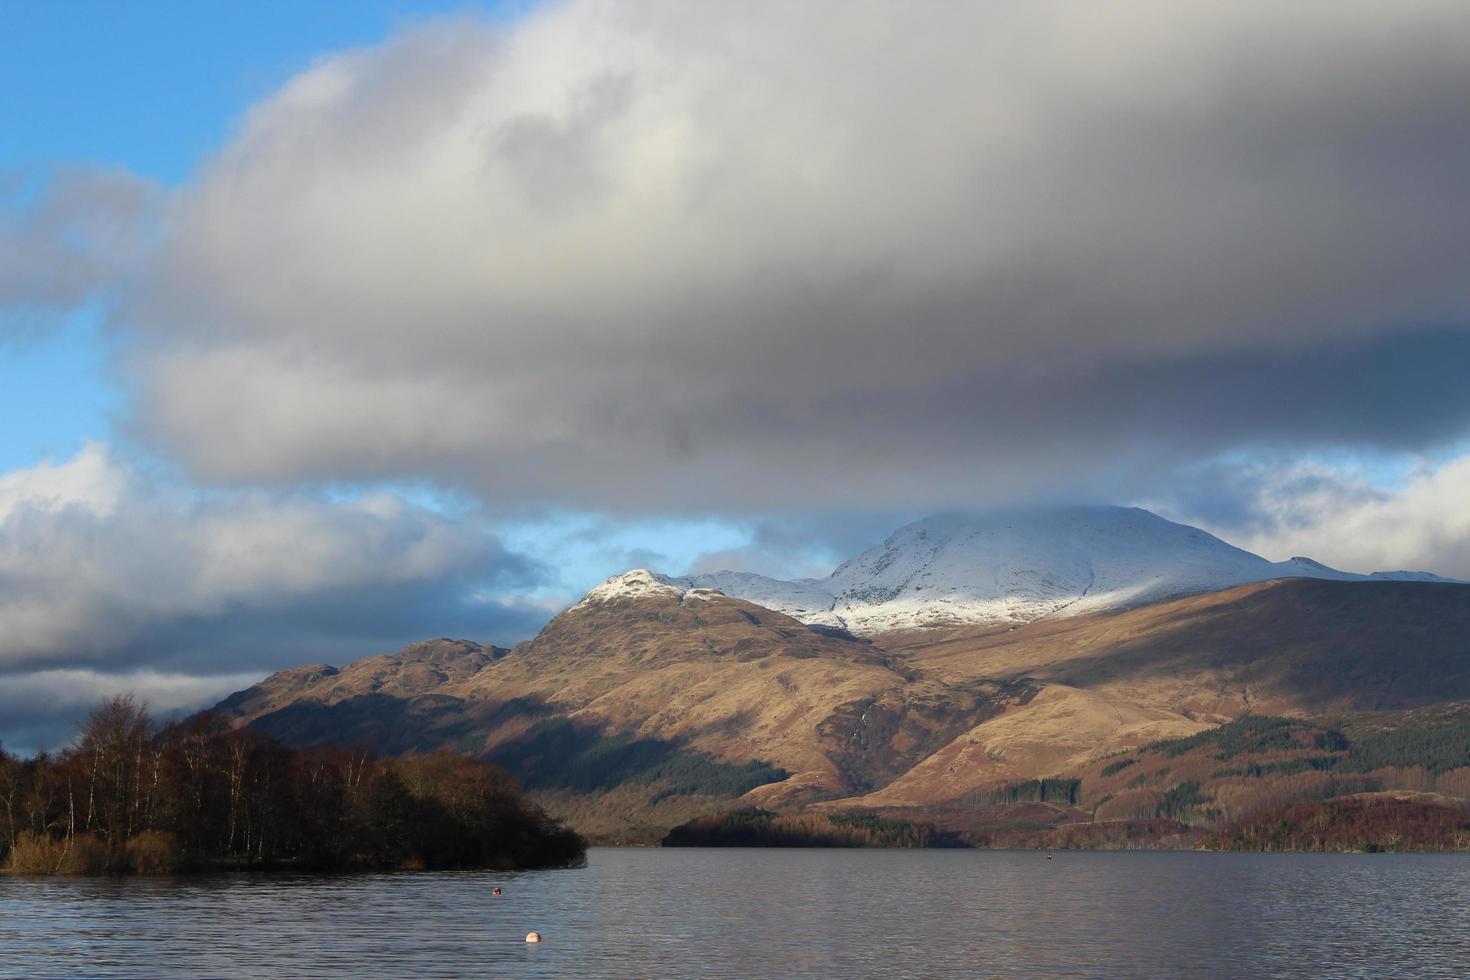 nuvole in bilico sulle montagne foto